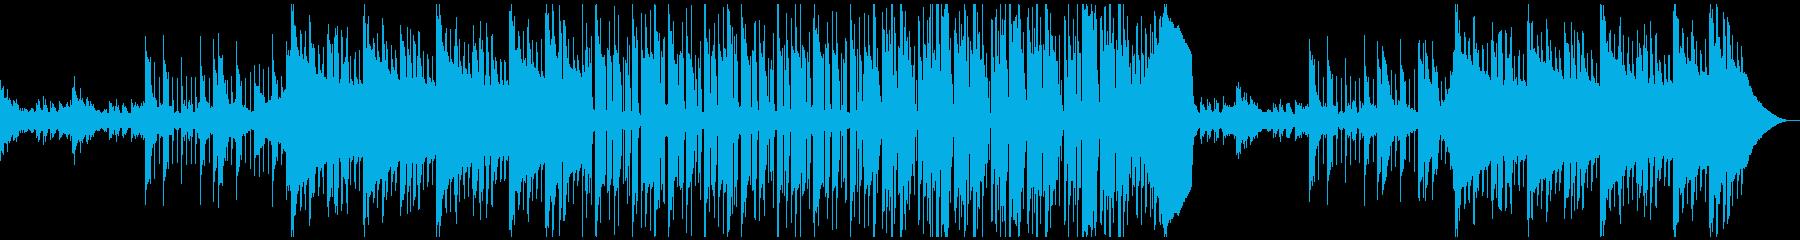 クールでドープなクラブミュージックの再生済みの波形